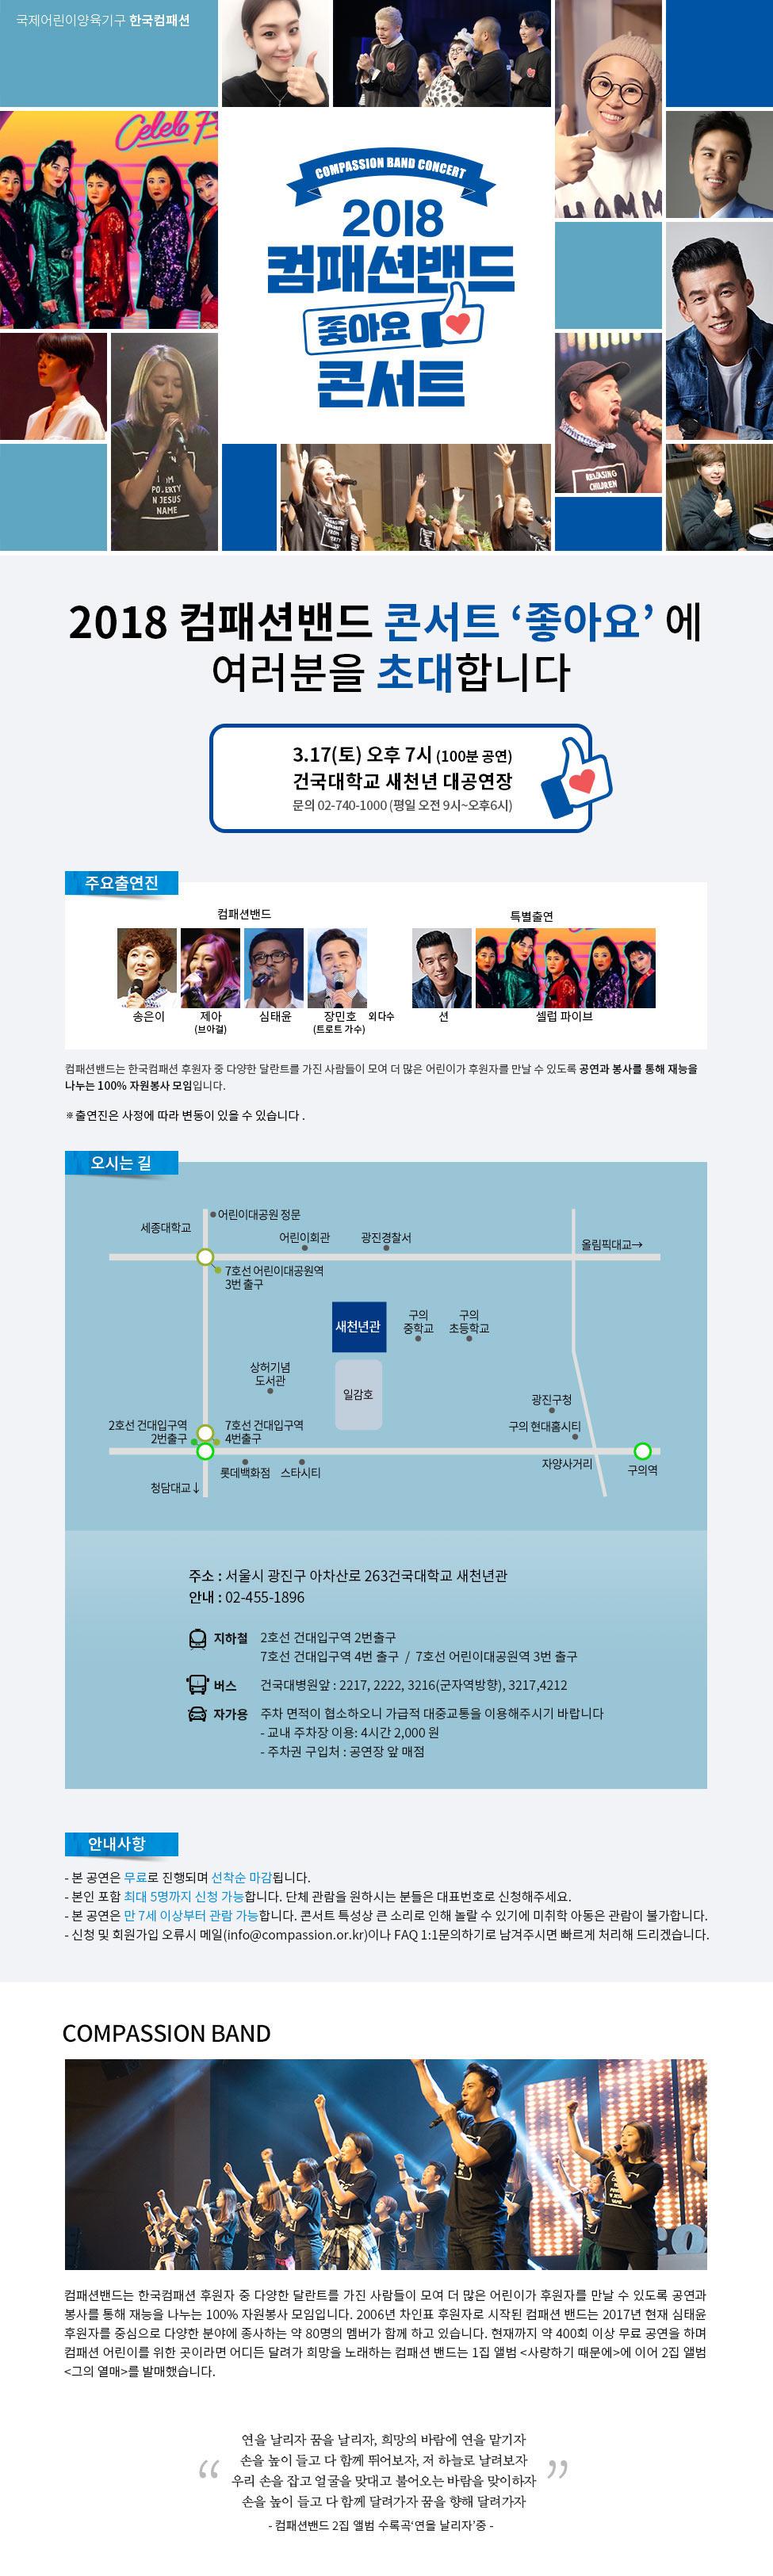 2018컴패션밴드.jpg